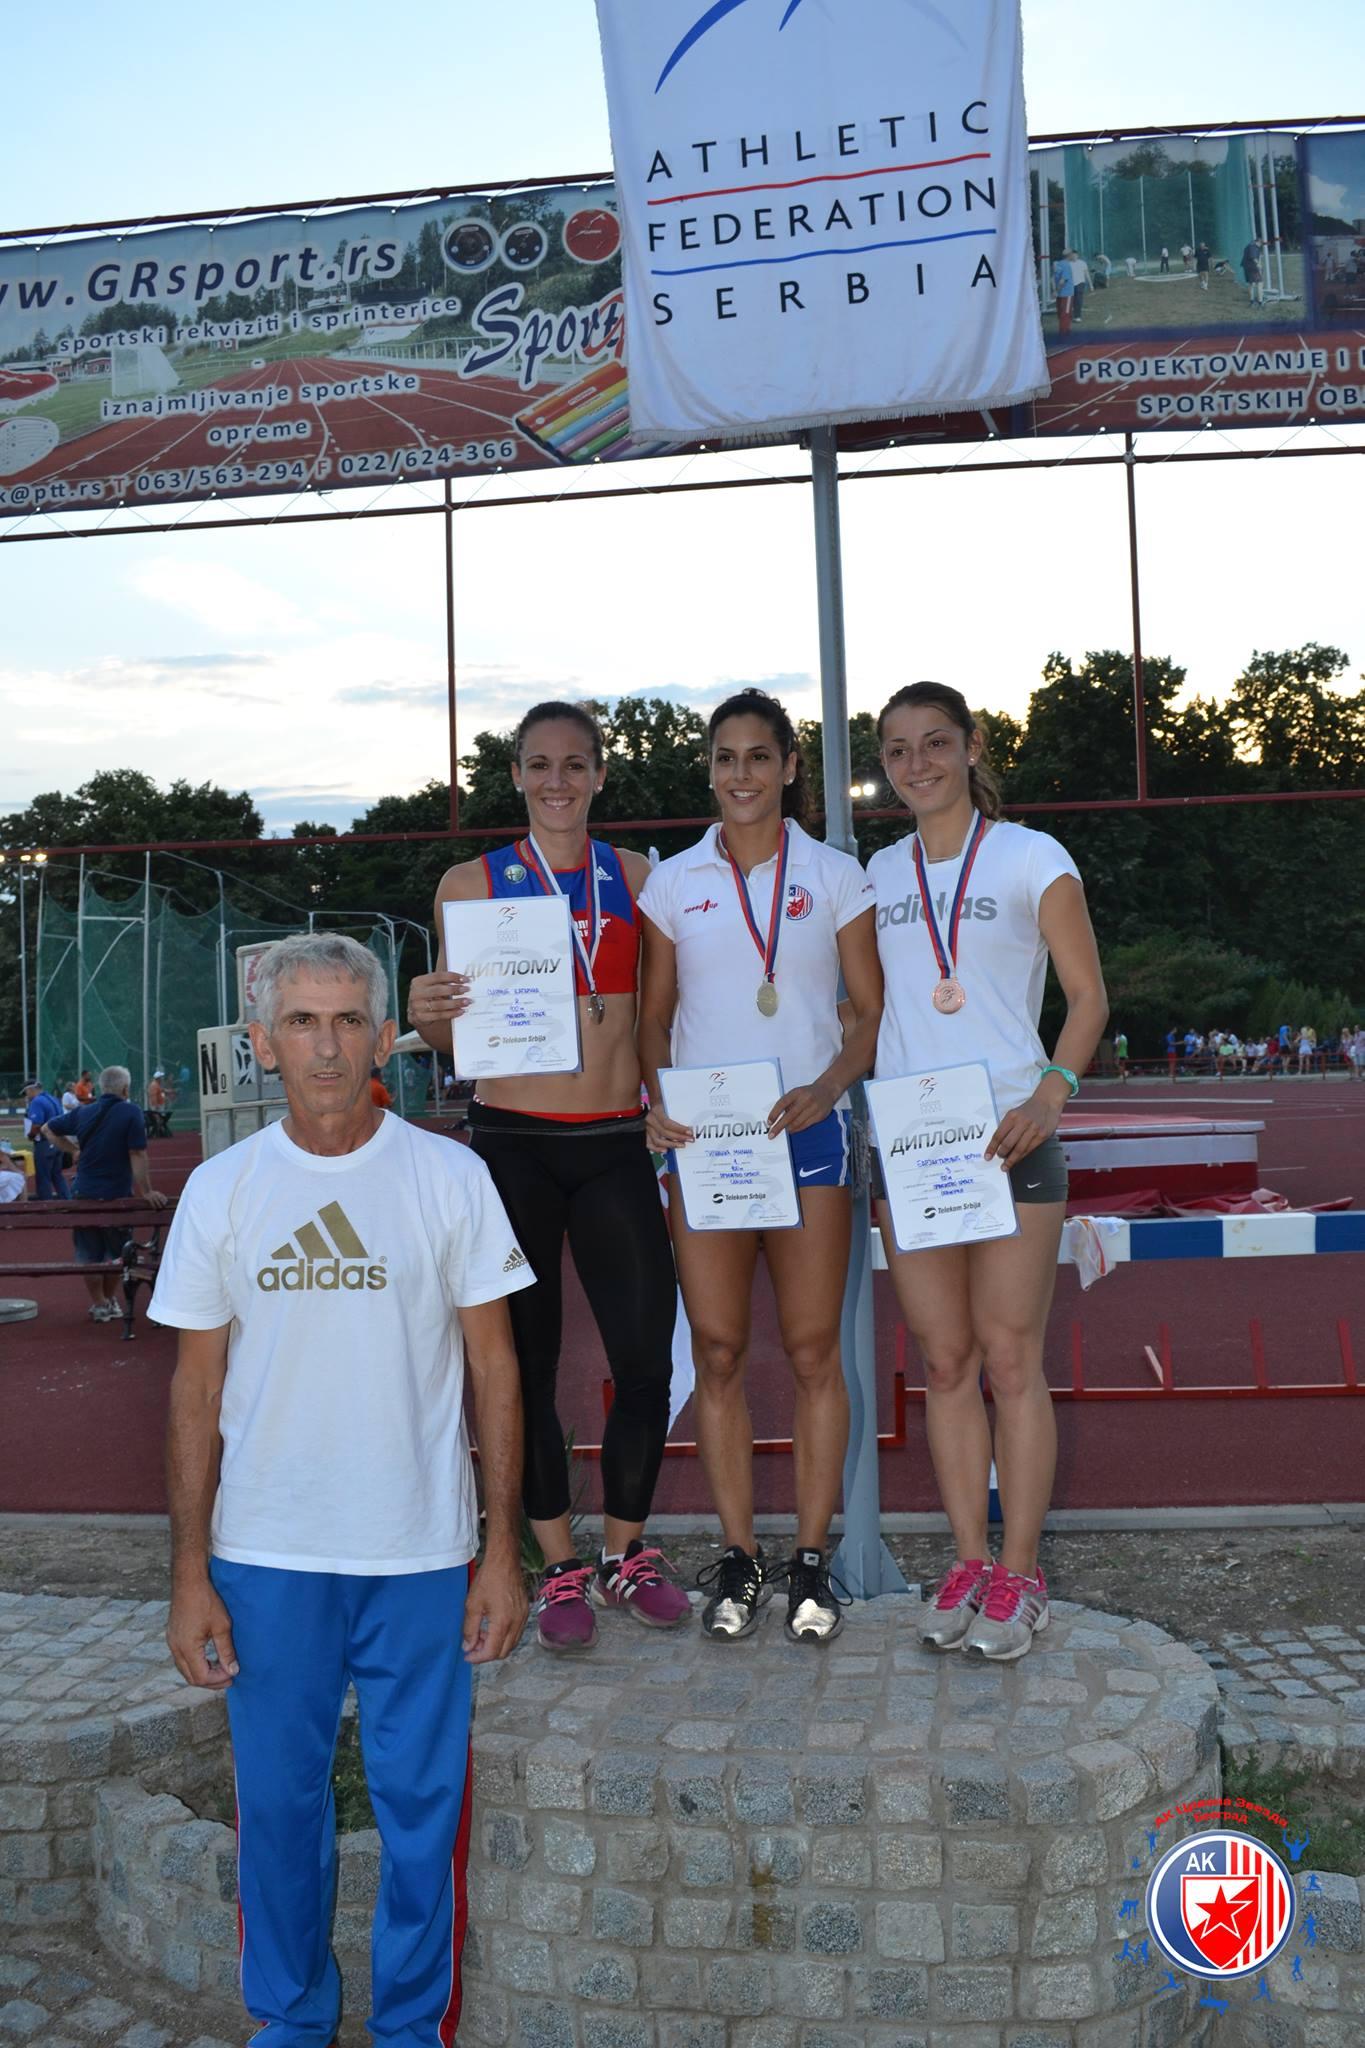 Pobedničko postolje Prvenstva Srbije u atletici. Sprint na 100 m. Prvo mesto Milana Tirnanić, drugo Katarina Sirmić, treće Zorana Barjaktarović. Medalje im stoje oko vrata, diplome u rukama.